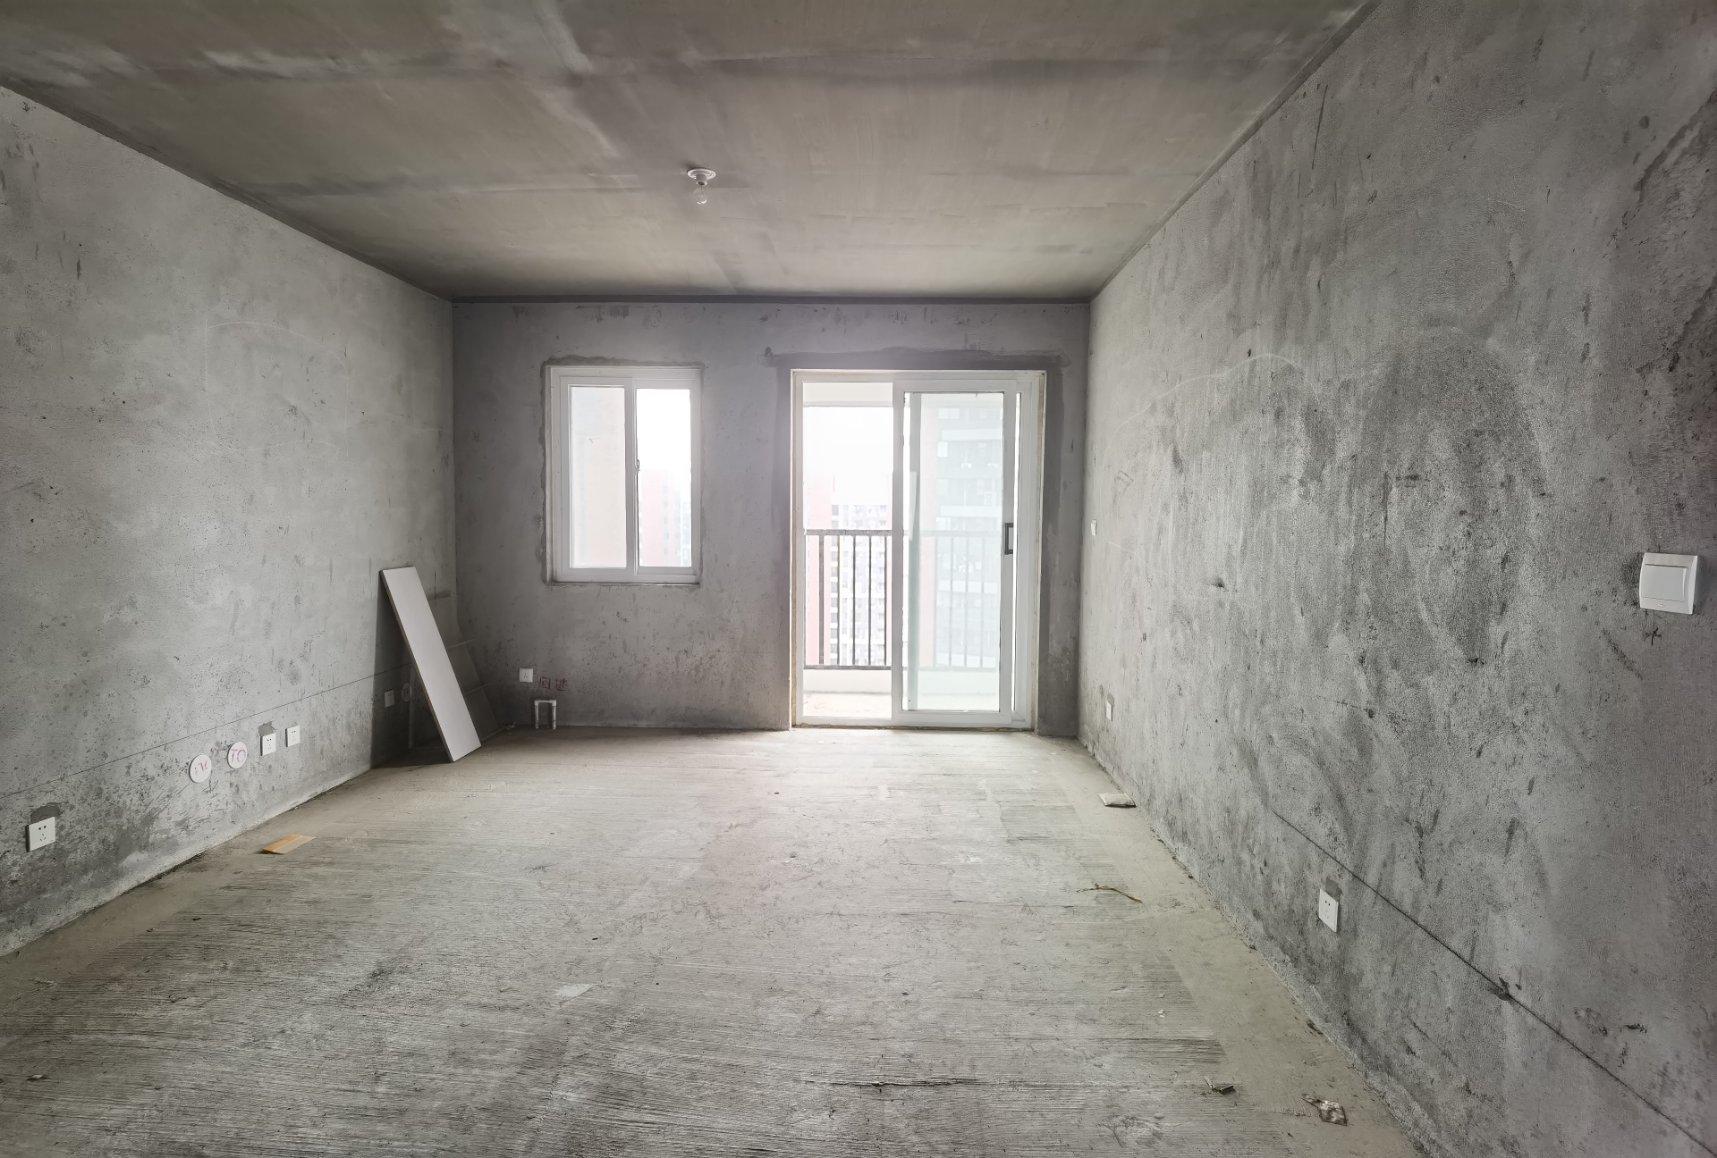 单价7千 世纪新城 毛坯3室 136平96万 南北 户型全明